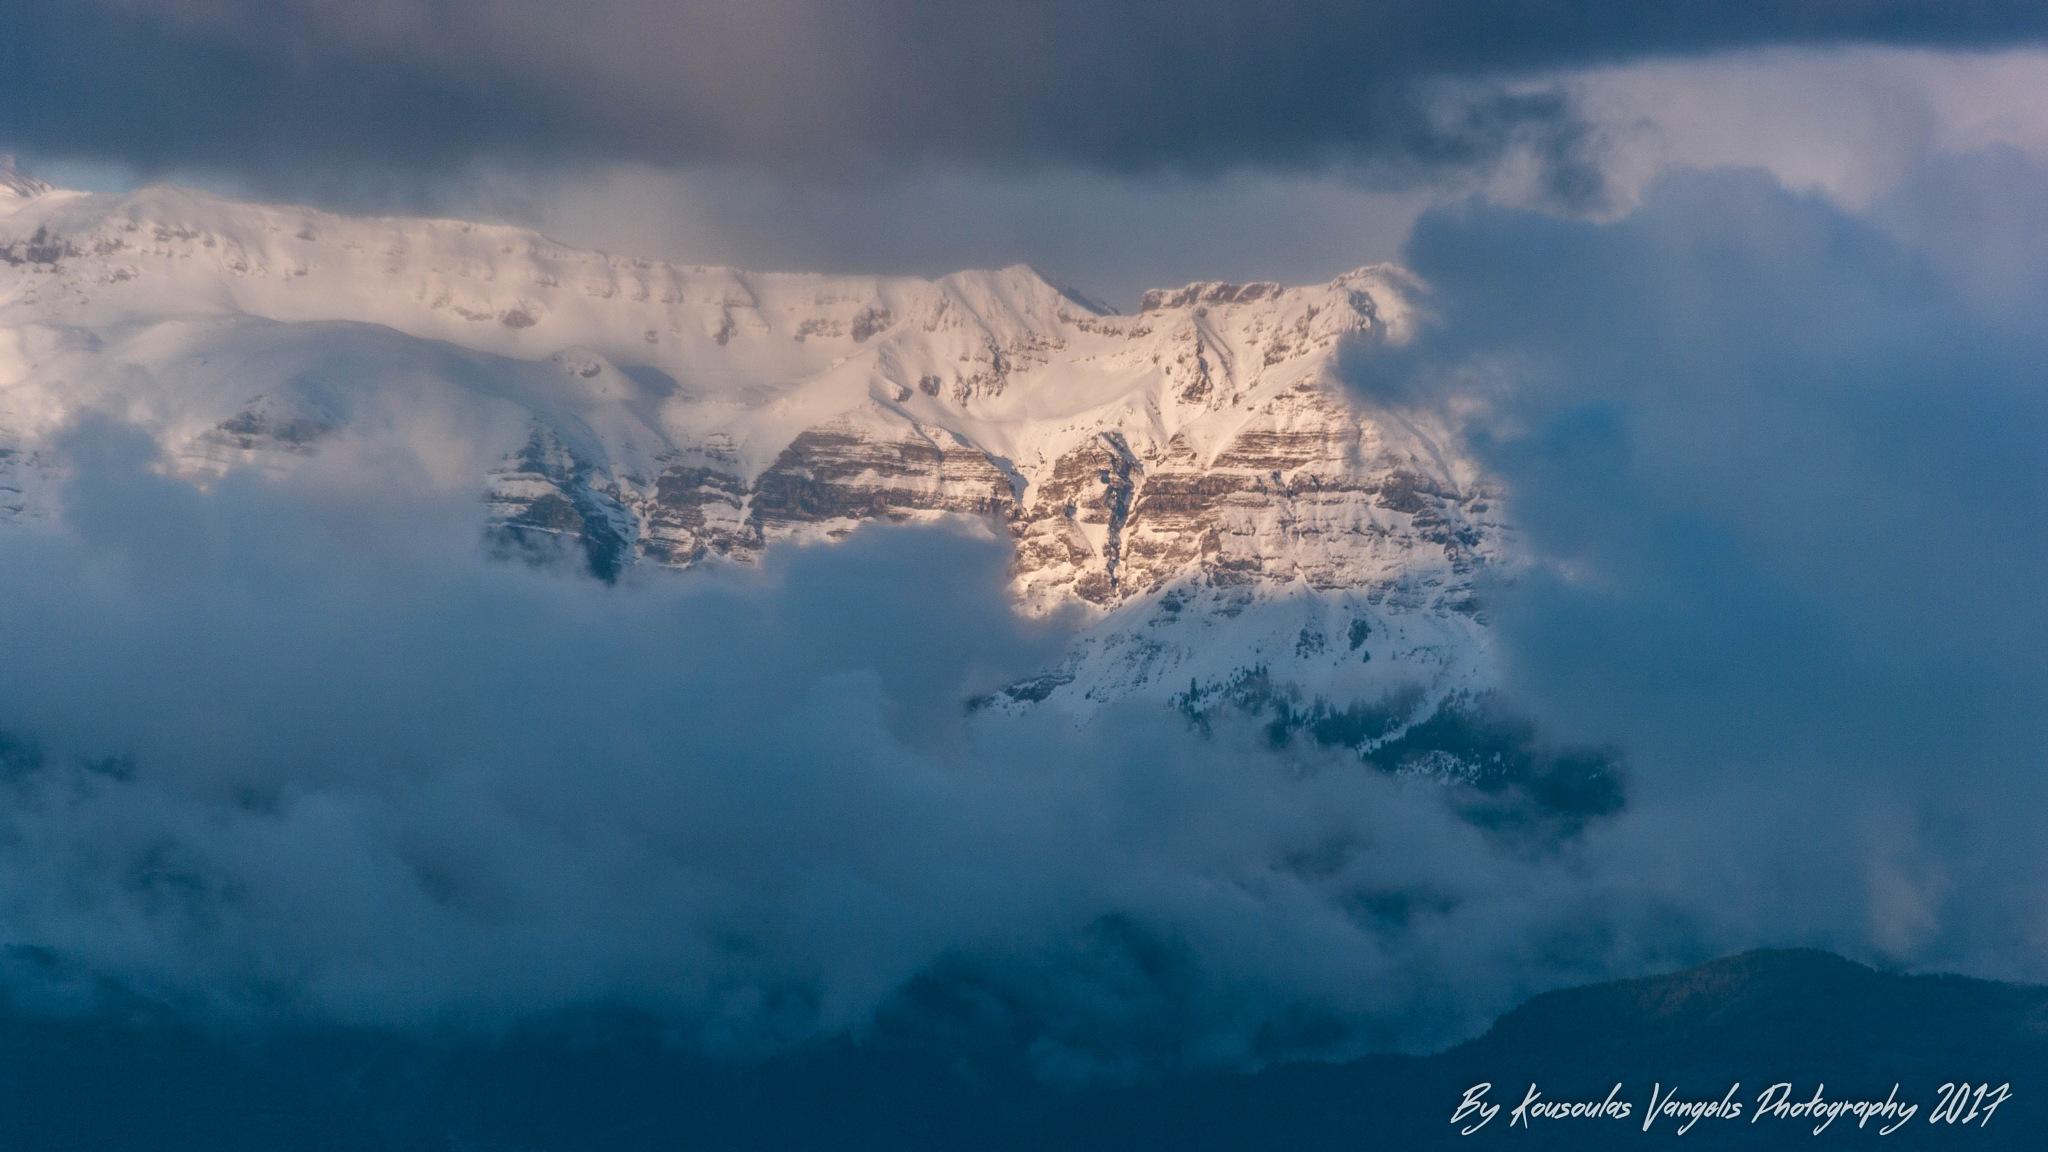 Tuesday evening Tzoumerka with fresh snow! by kousoulas vangelis